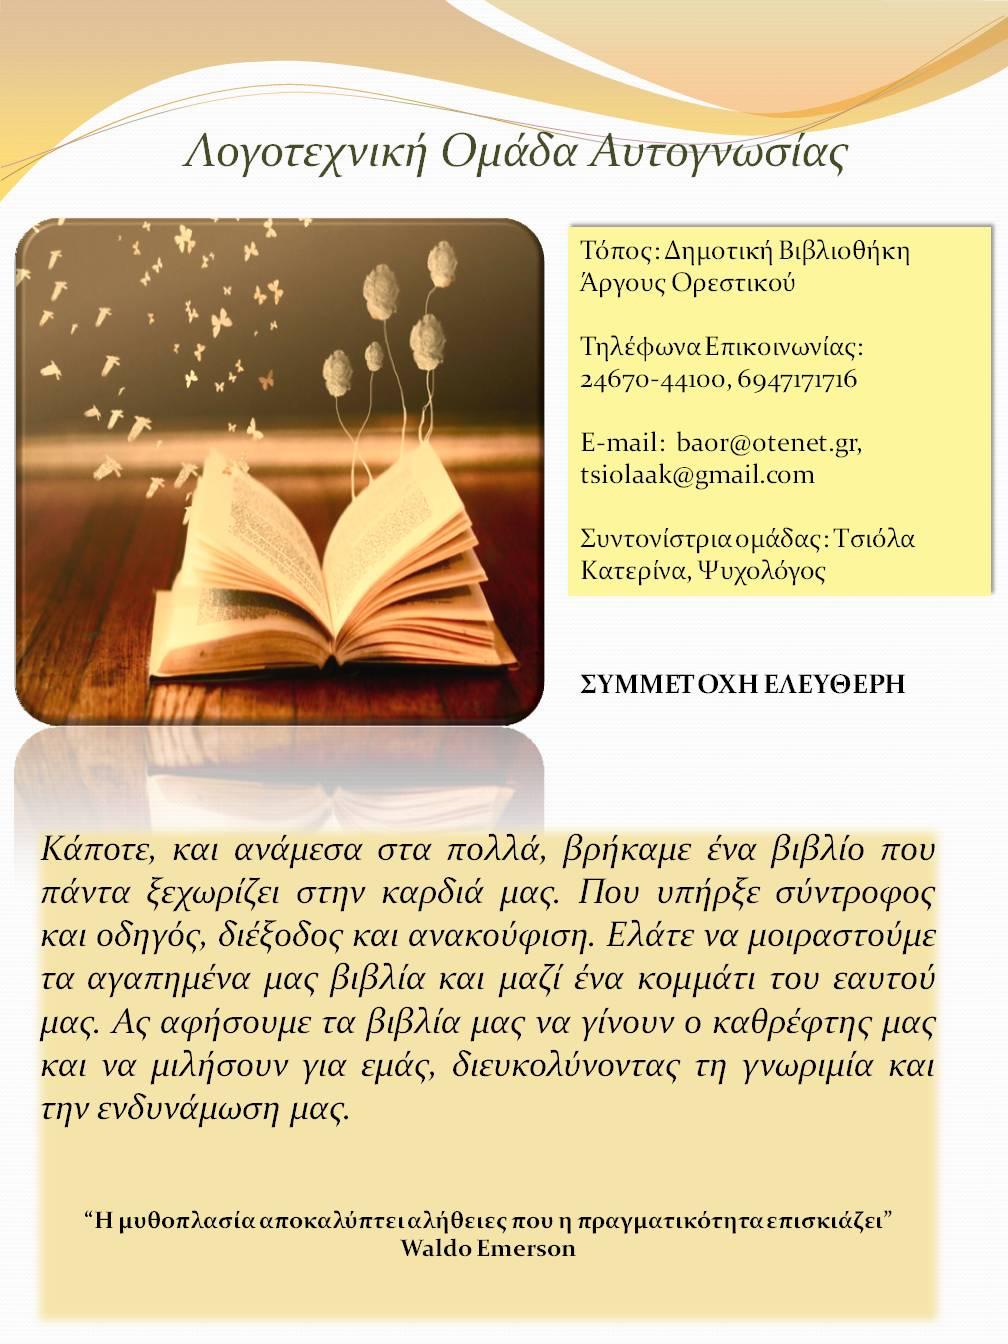 omada_aytognwsias